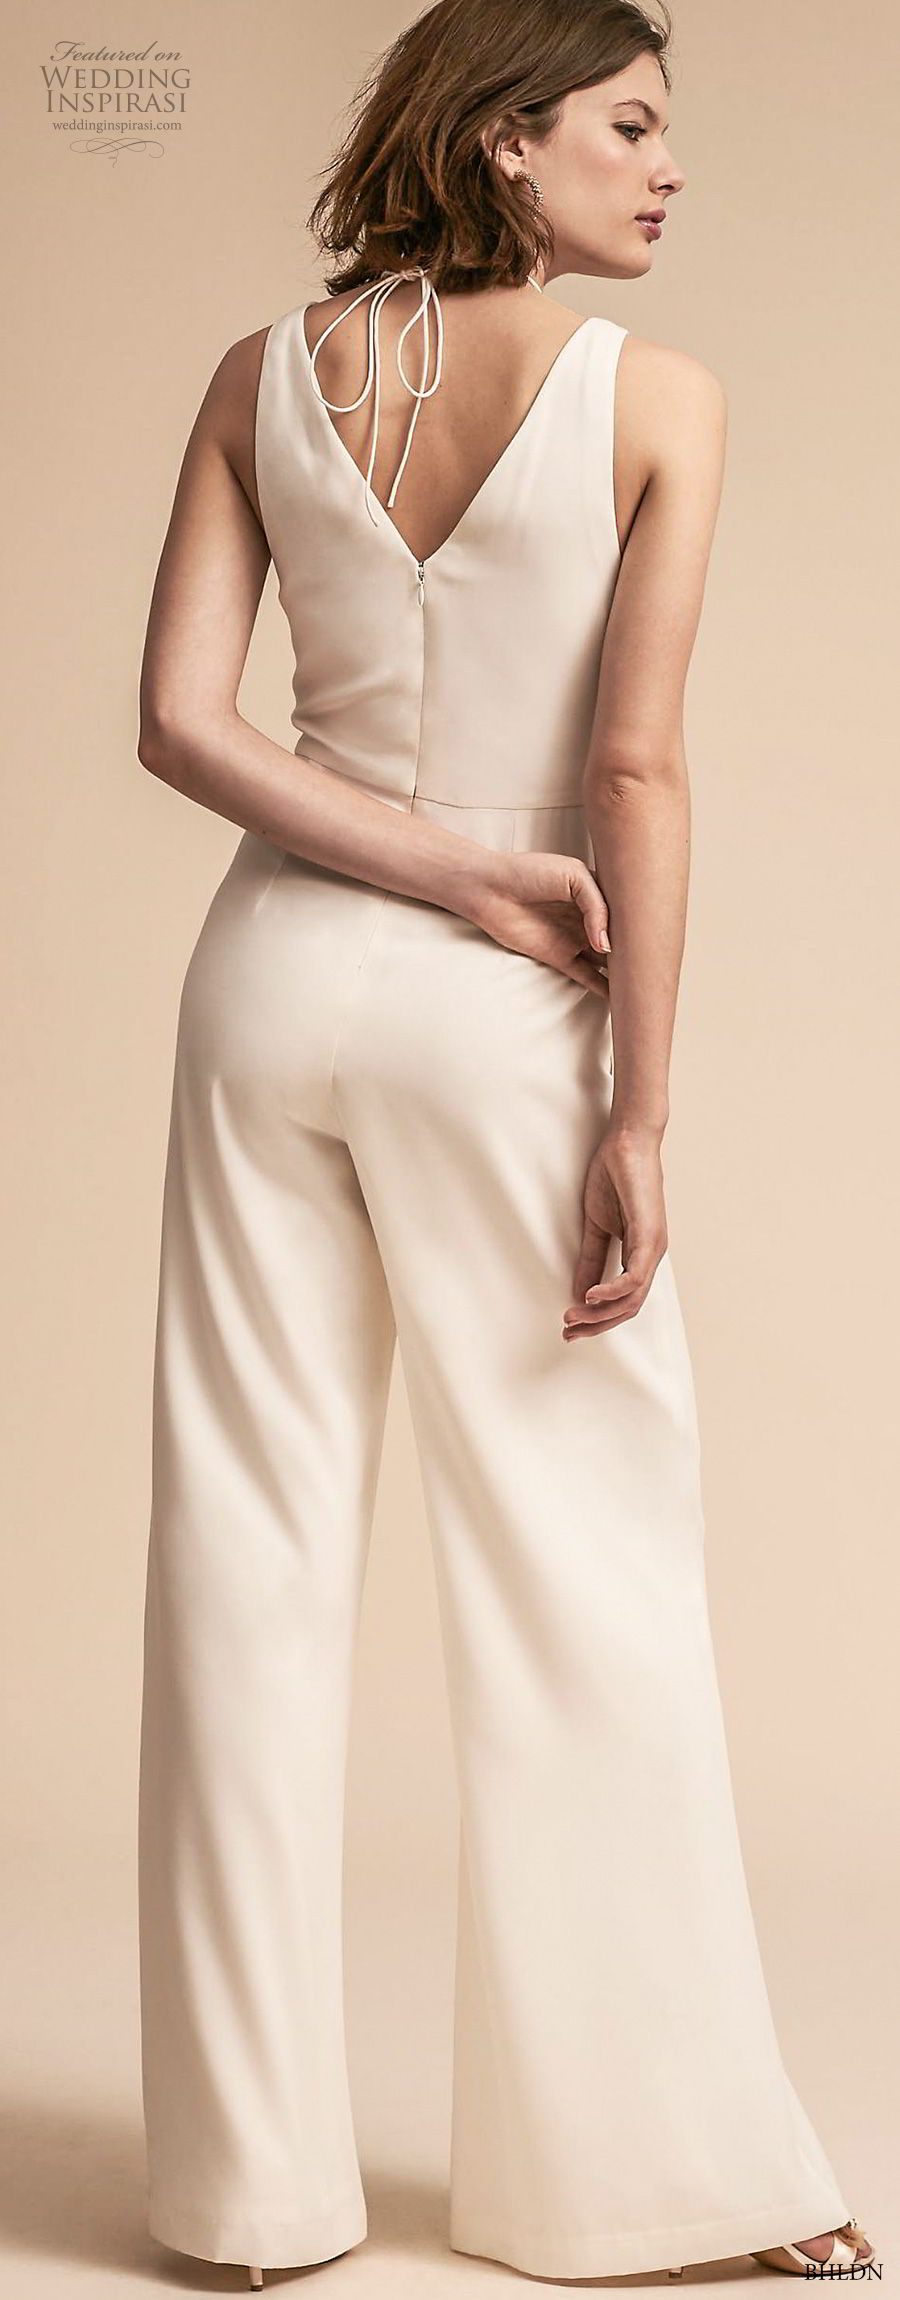 bhldn 2018 away bridal sleeveless v neck simple clean modern sophiscated jumpsuit wedding dress v back (8)  bv